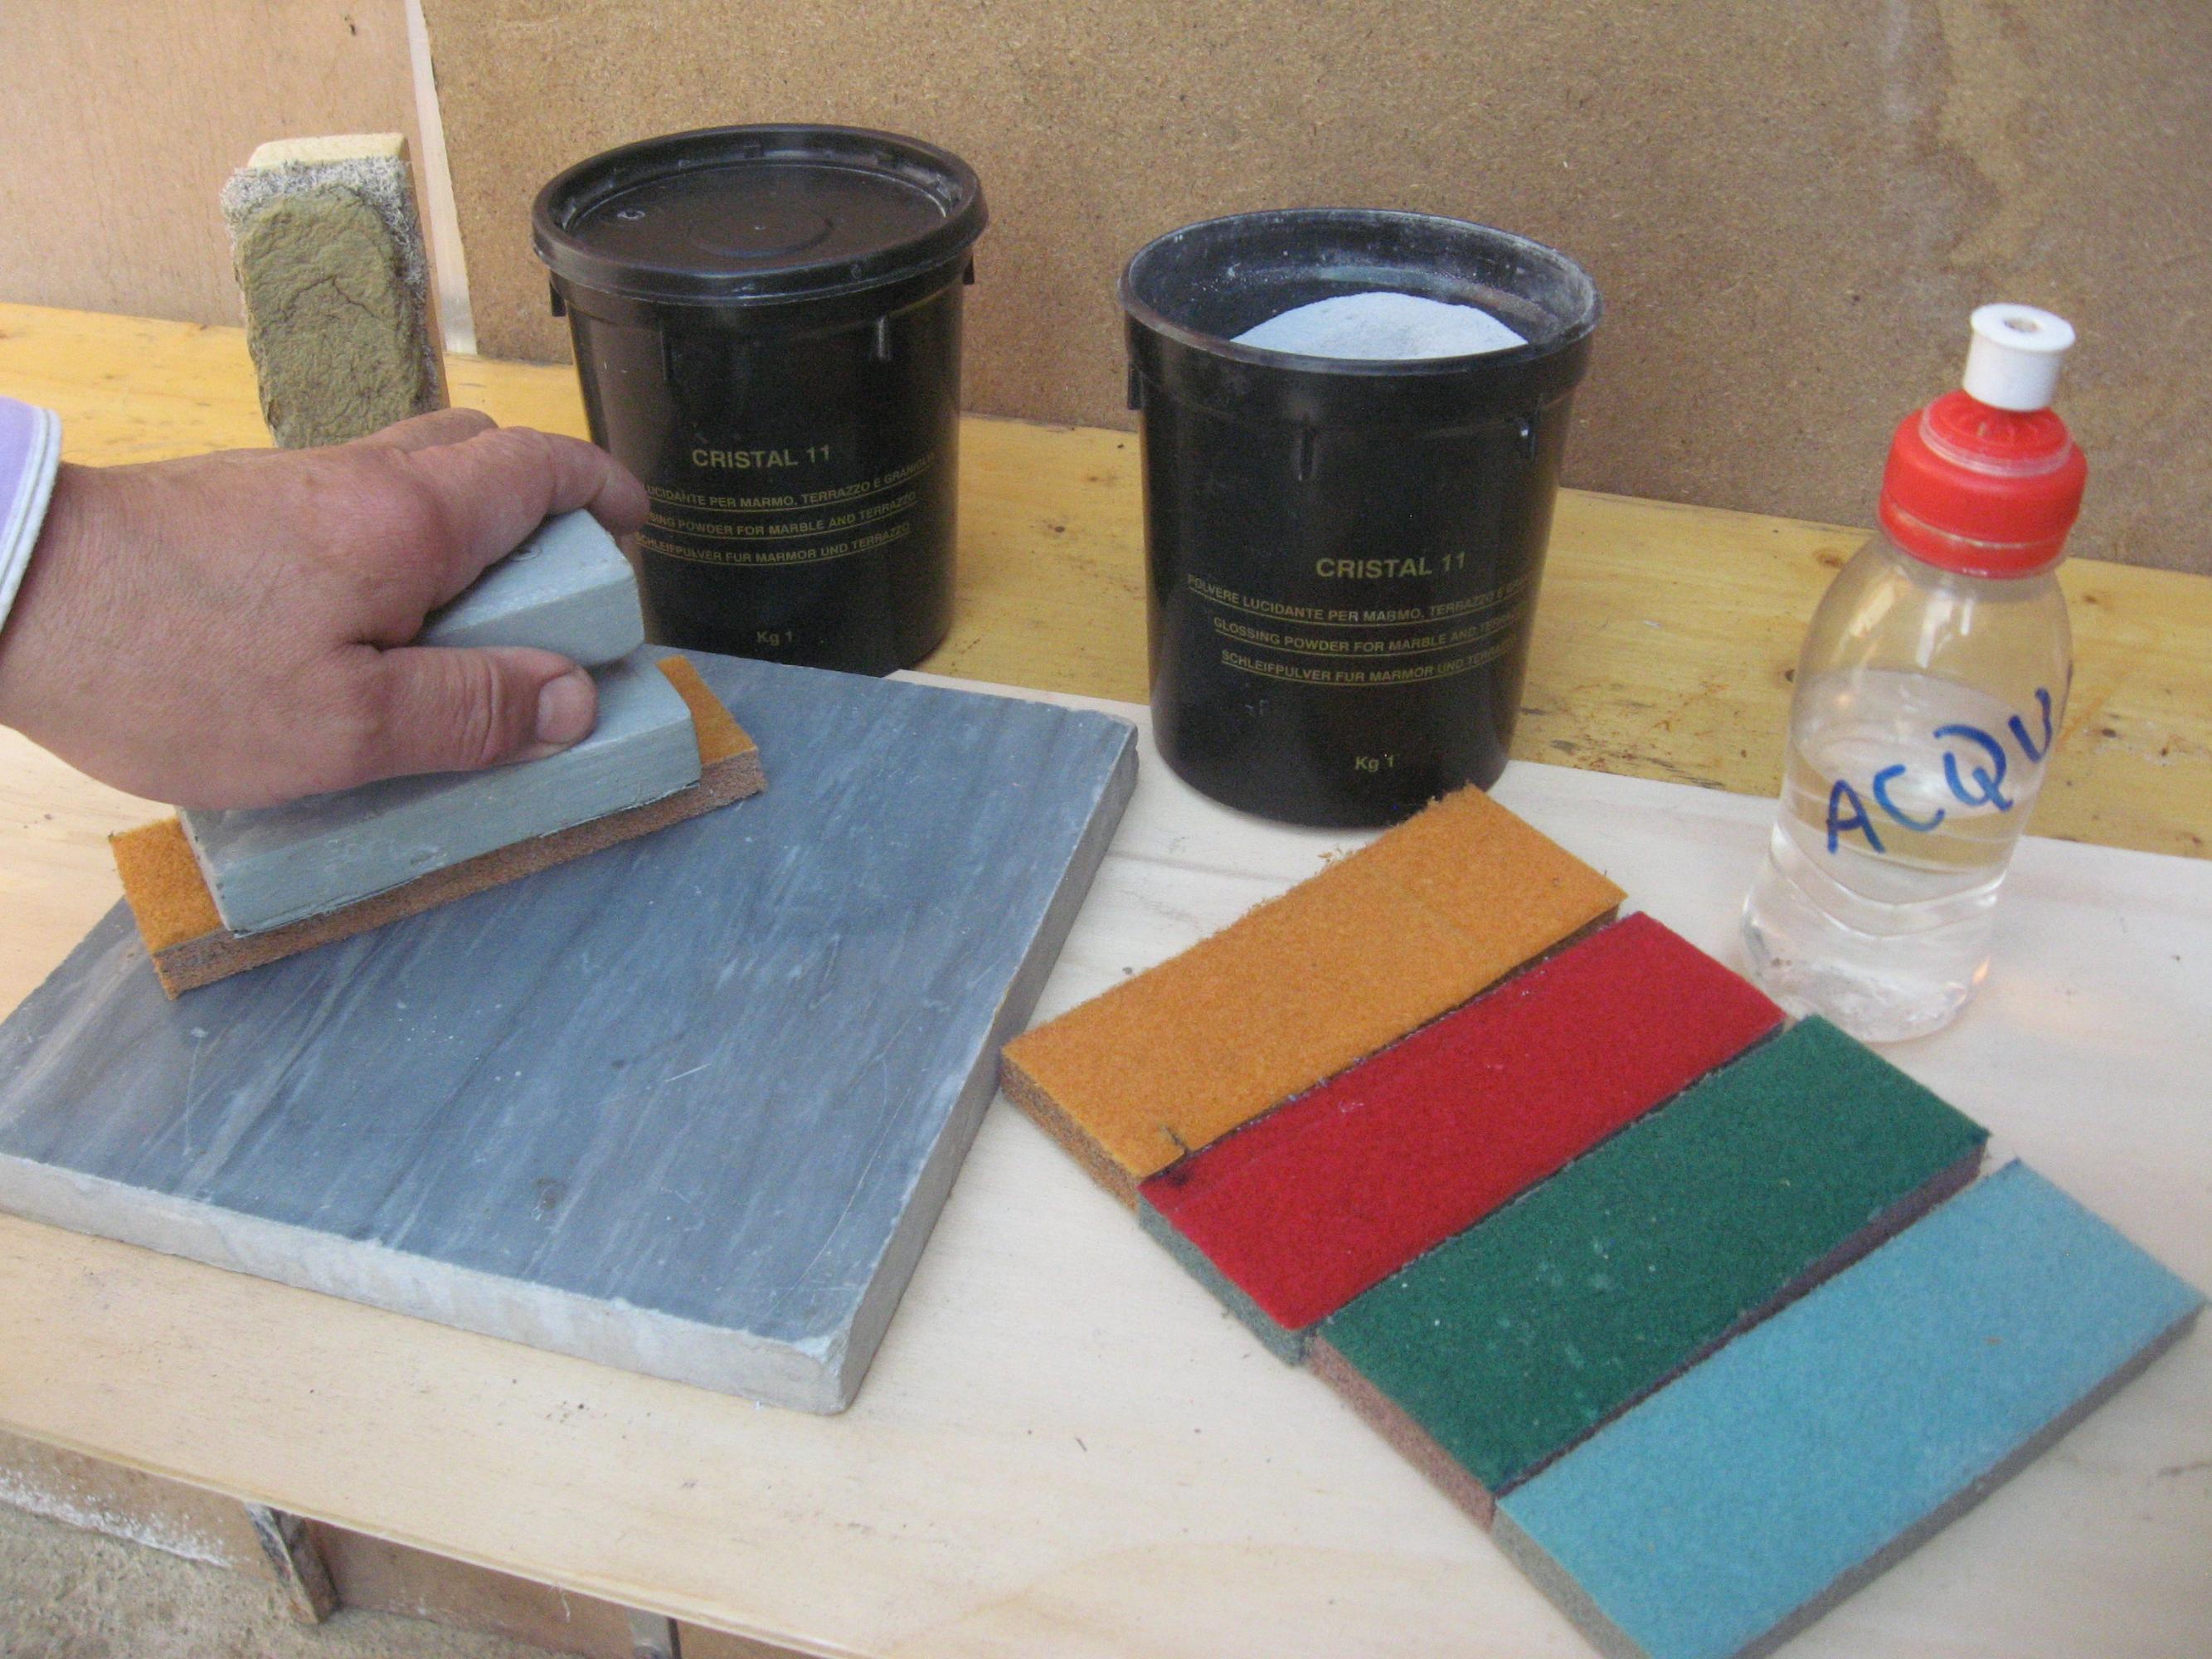 Prodotti marmo lucidare pavimento rigato corroso opaco - Levigare il parquet senza togliere i mobili ...